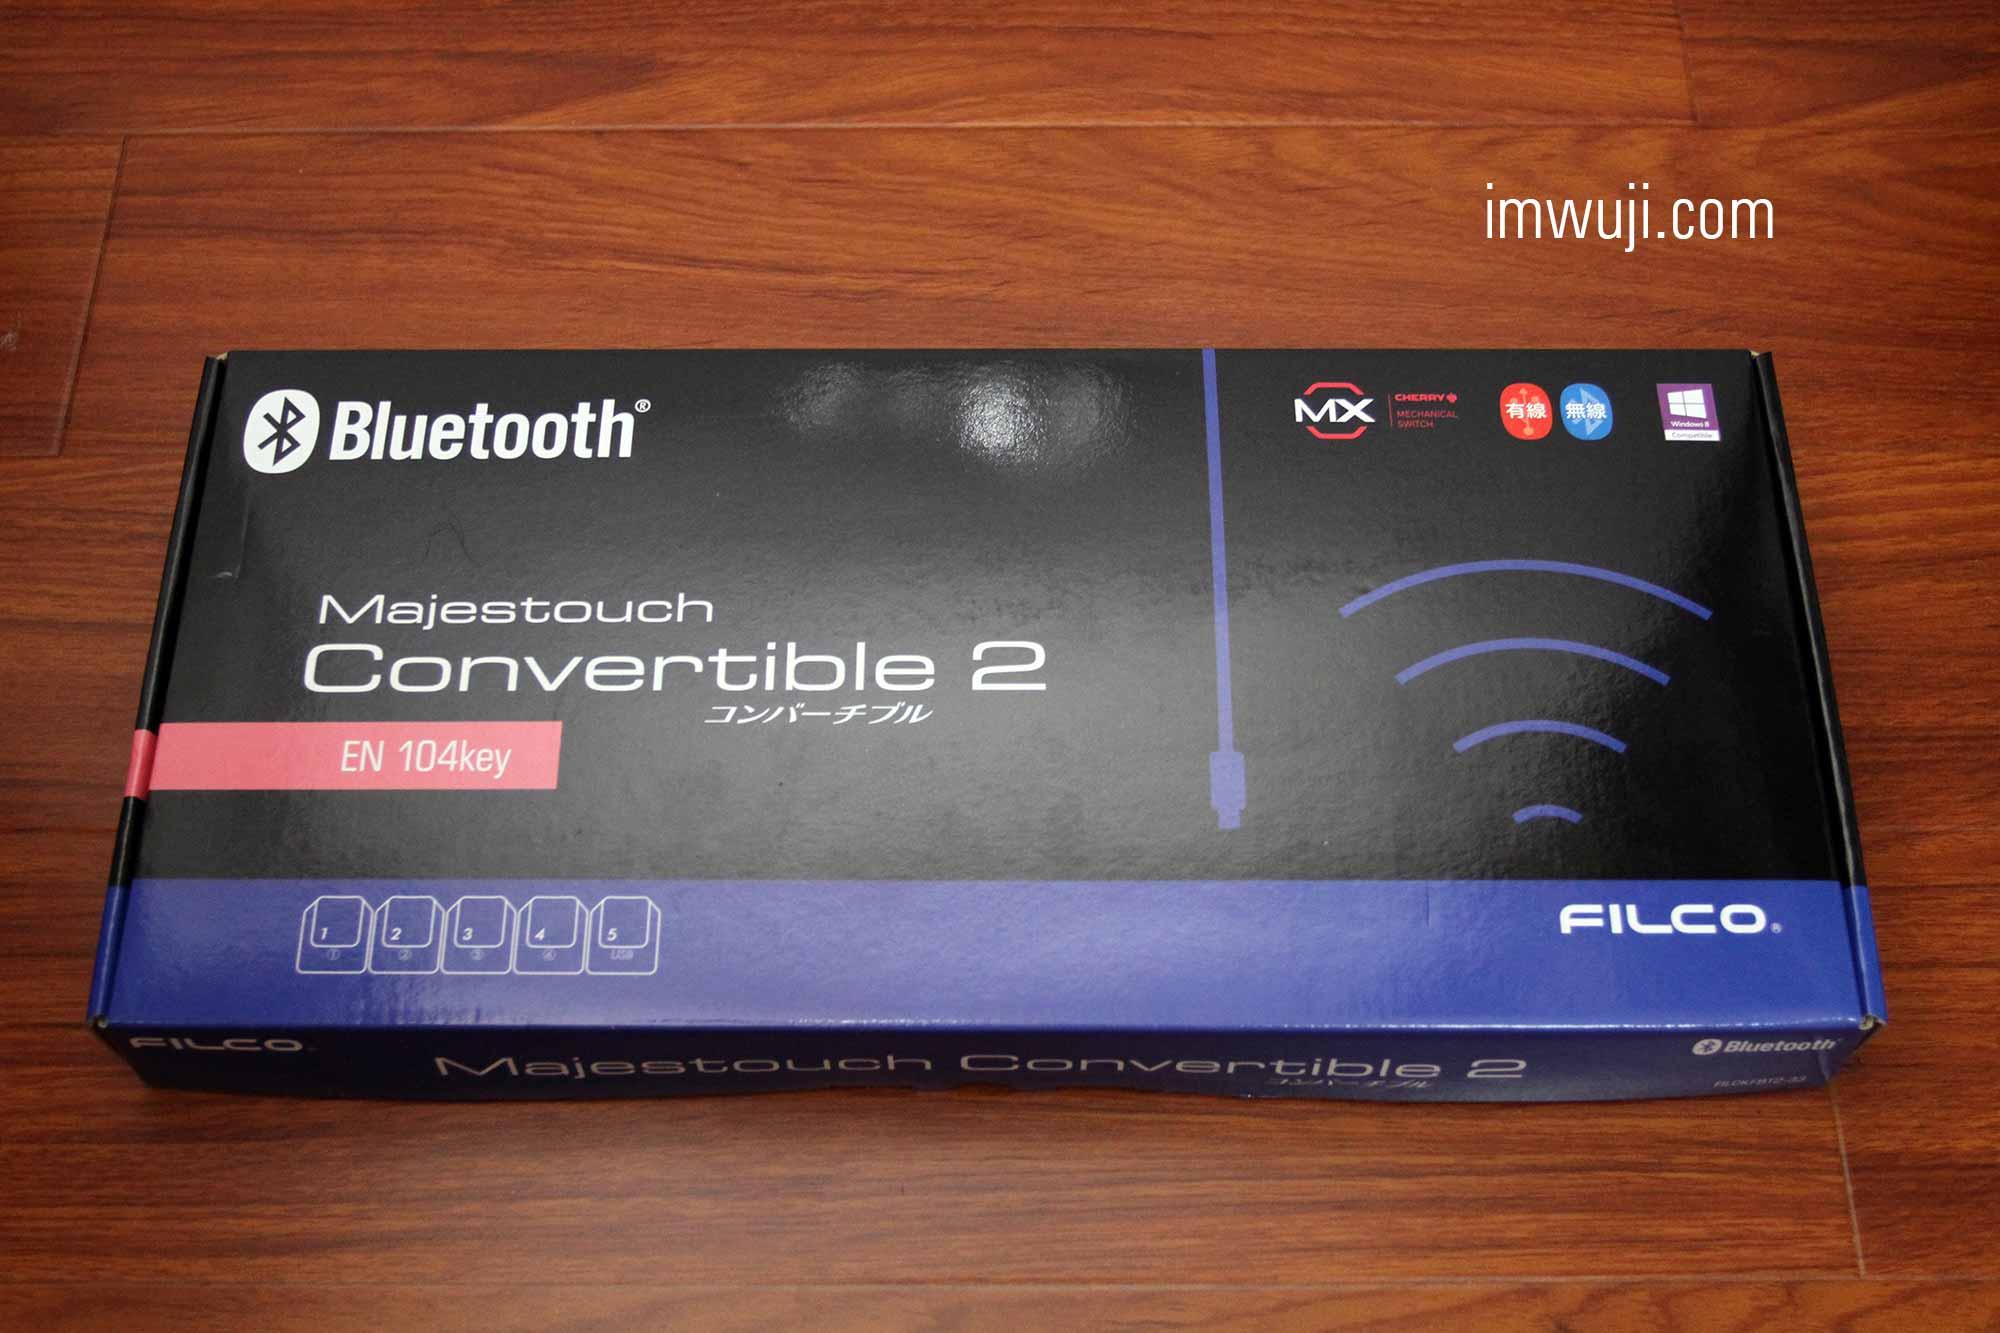 FILCO 斐尔可 双模圣手2代青轴机械键盘 开箱